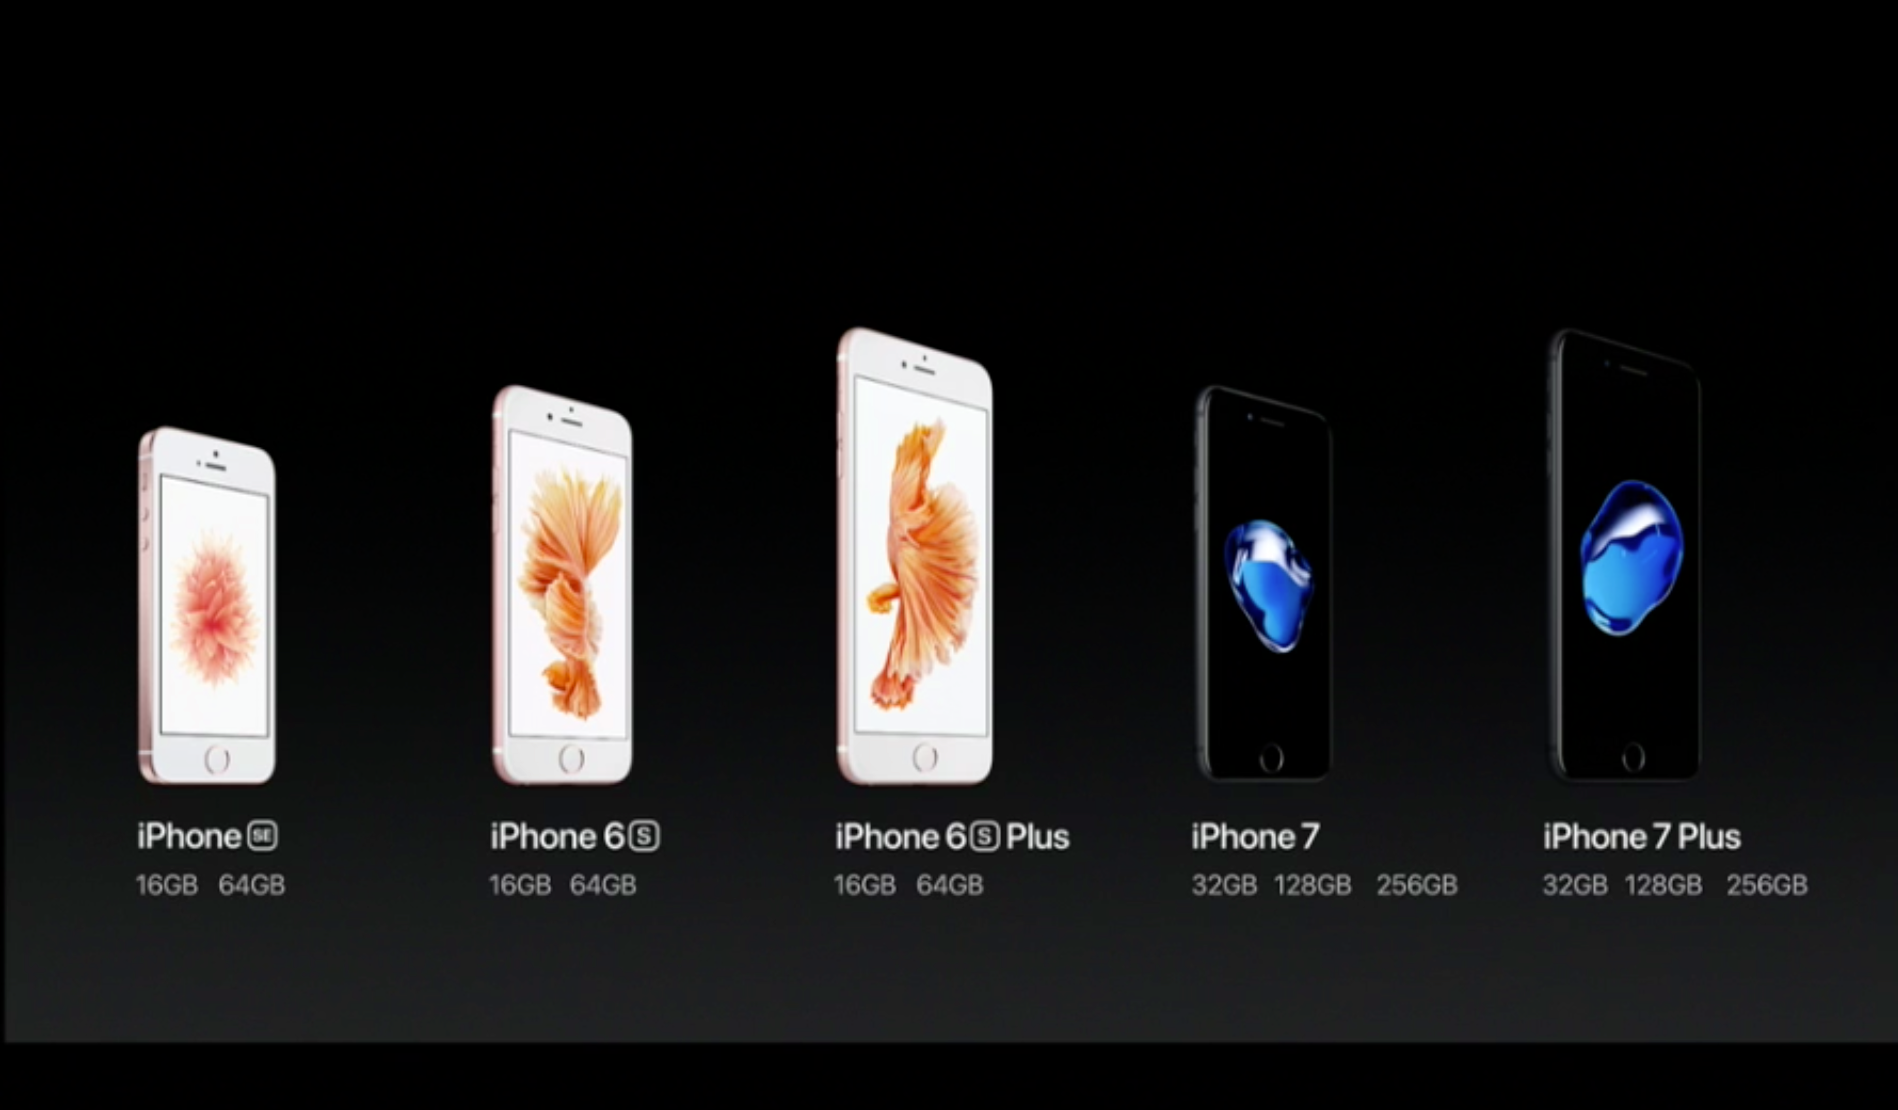 4 năm chày cối dùng iPhone 6S Plus: Đủ tốt để tôi tiếp tục sử dụng cho đến khi nó hỏng không sửa nổi mới thôi - Ảnh 4.